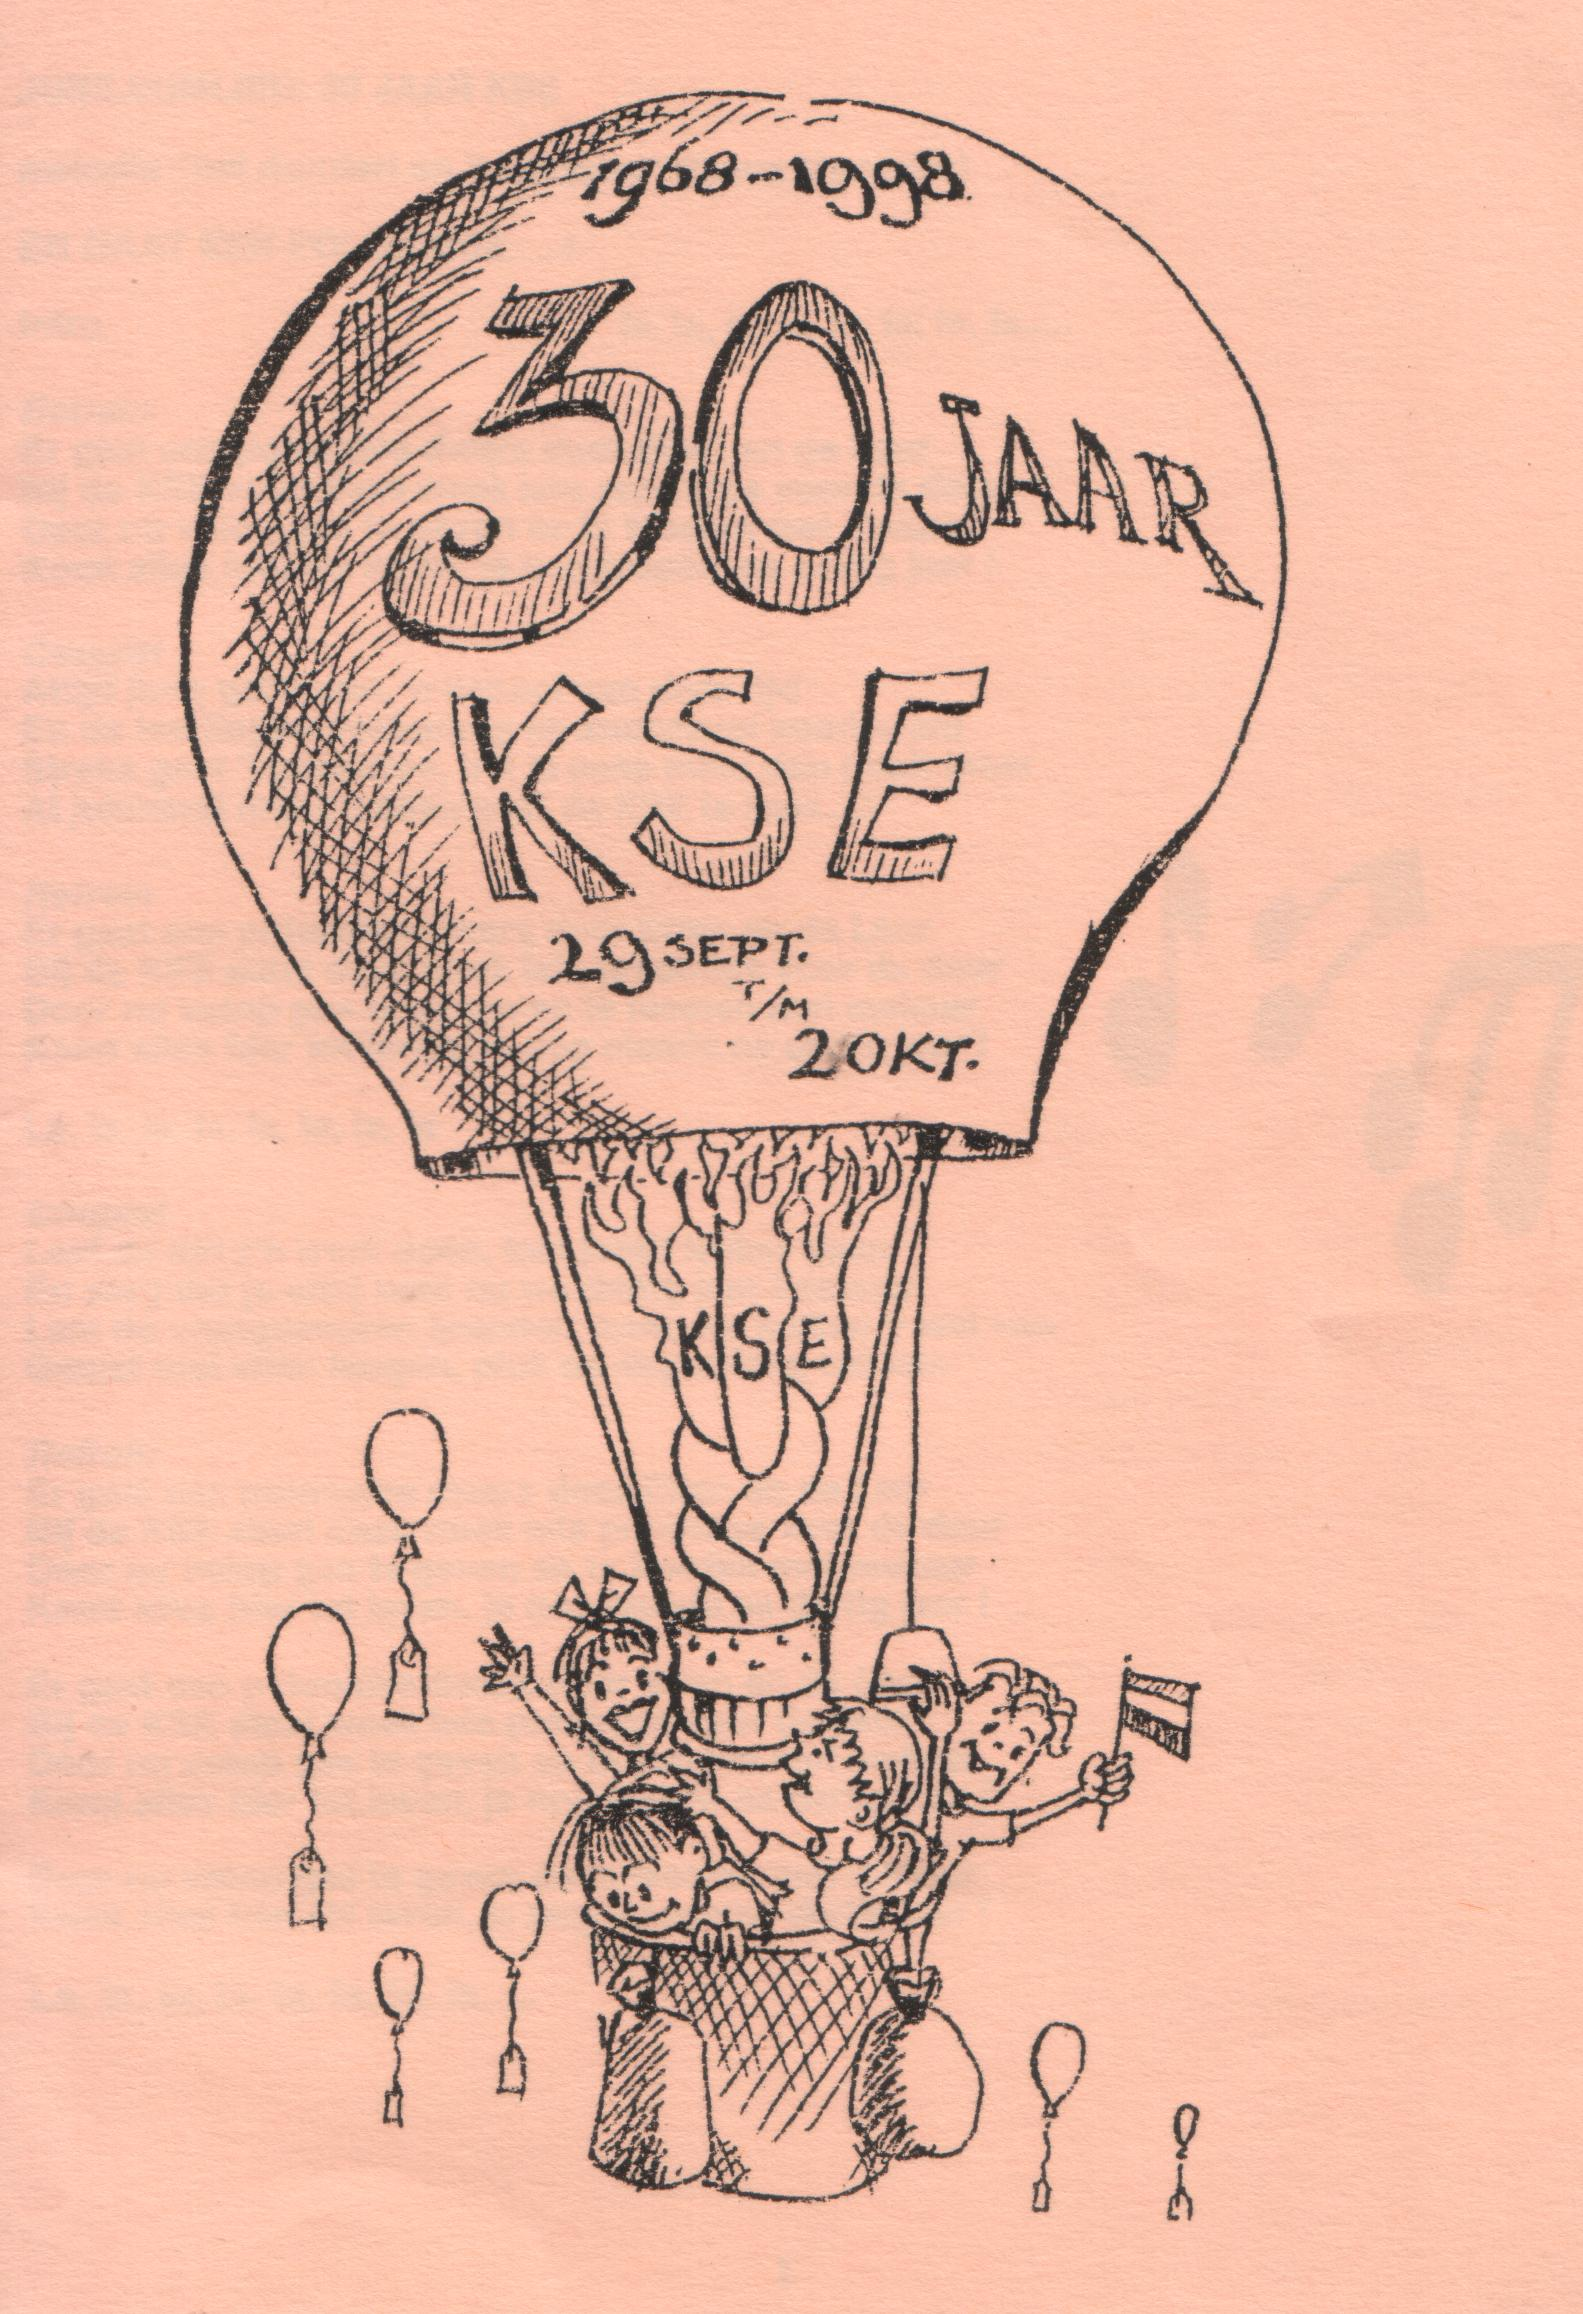 1998 Omslag feestgids